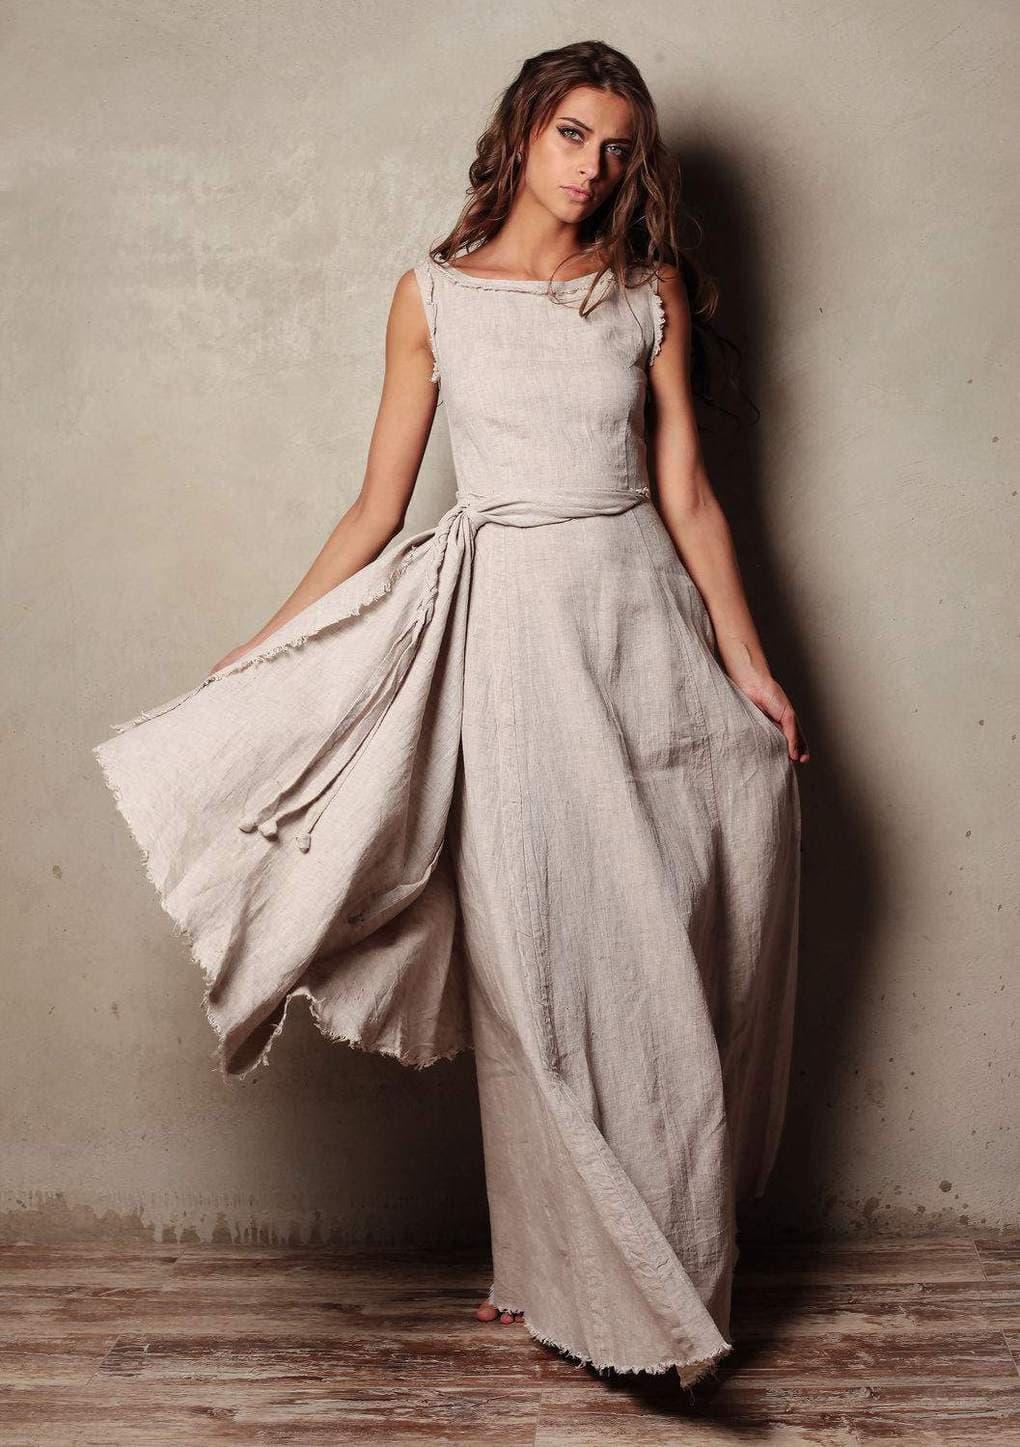 modnye lnjanye platja udobno stilno i samodostatochno